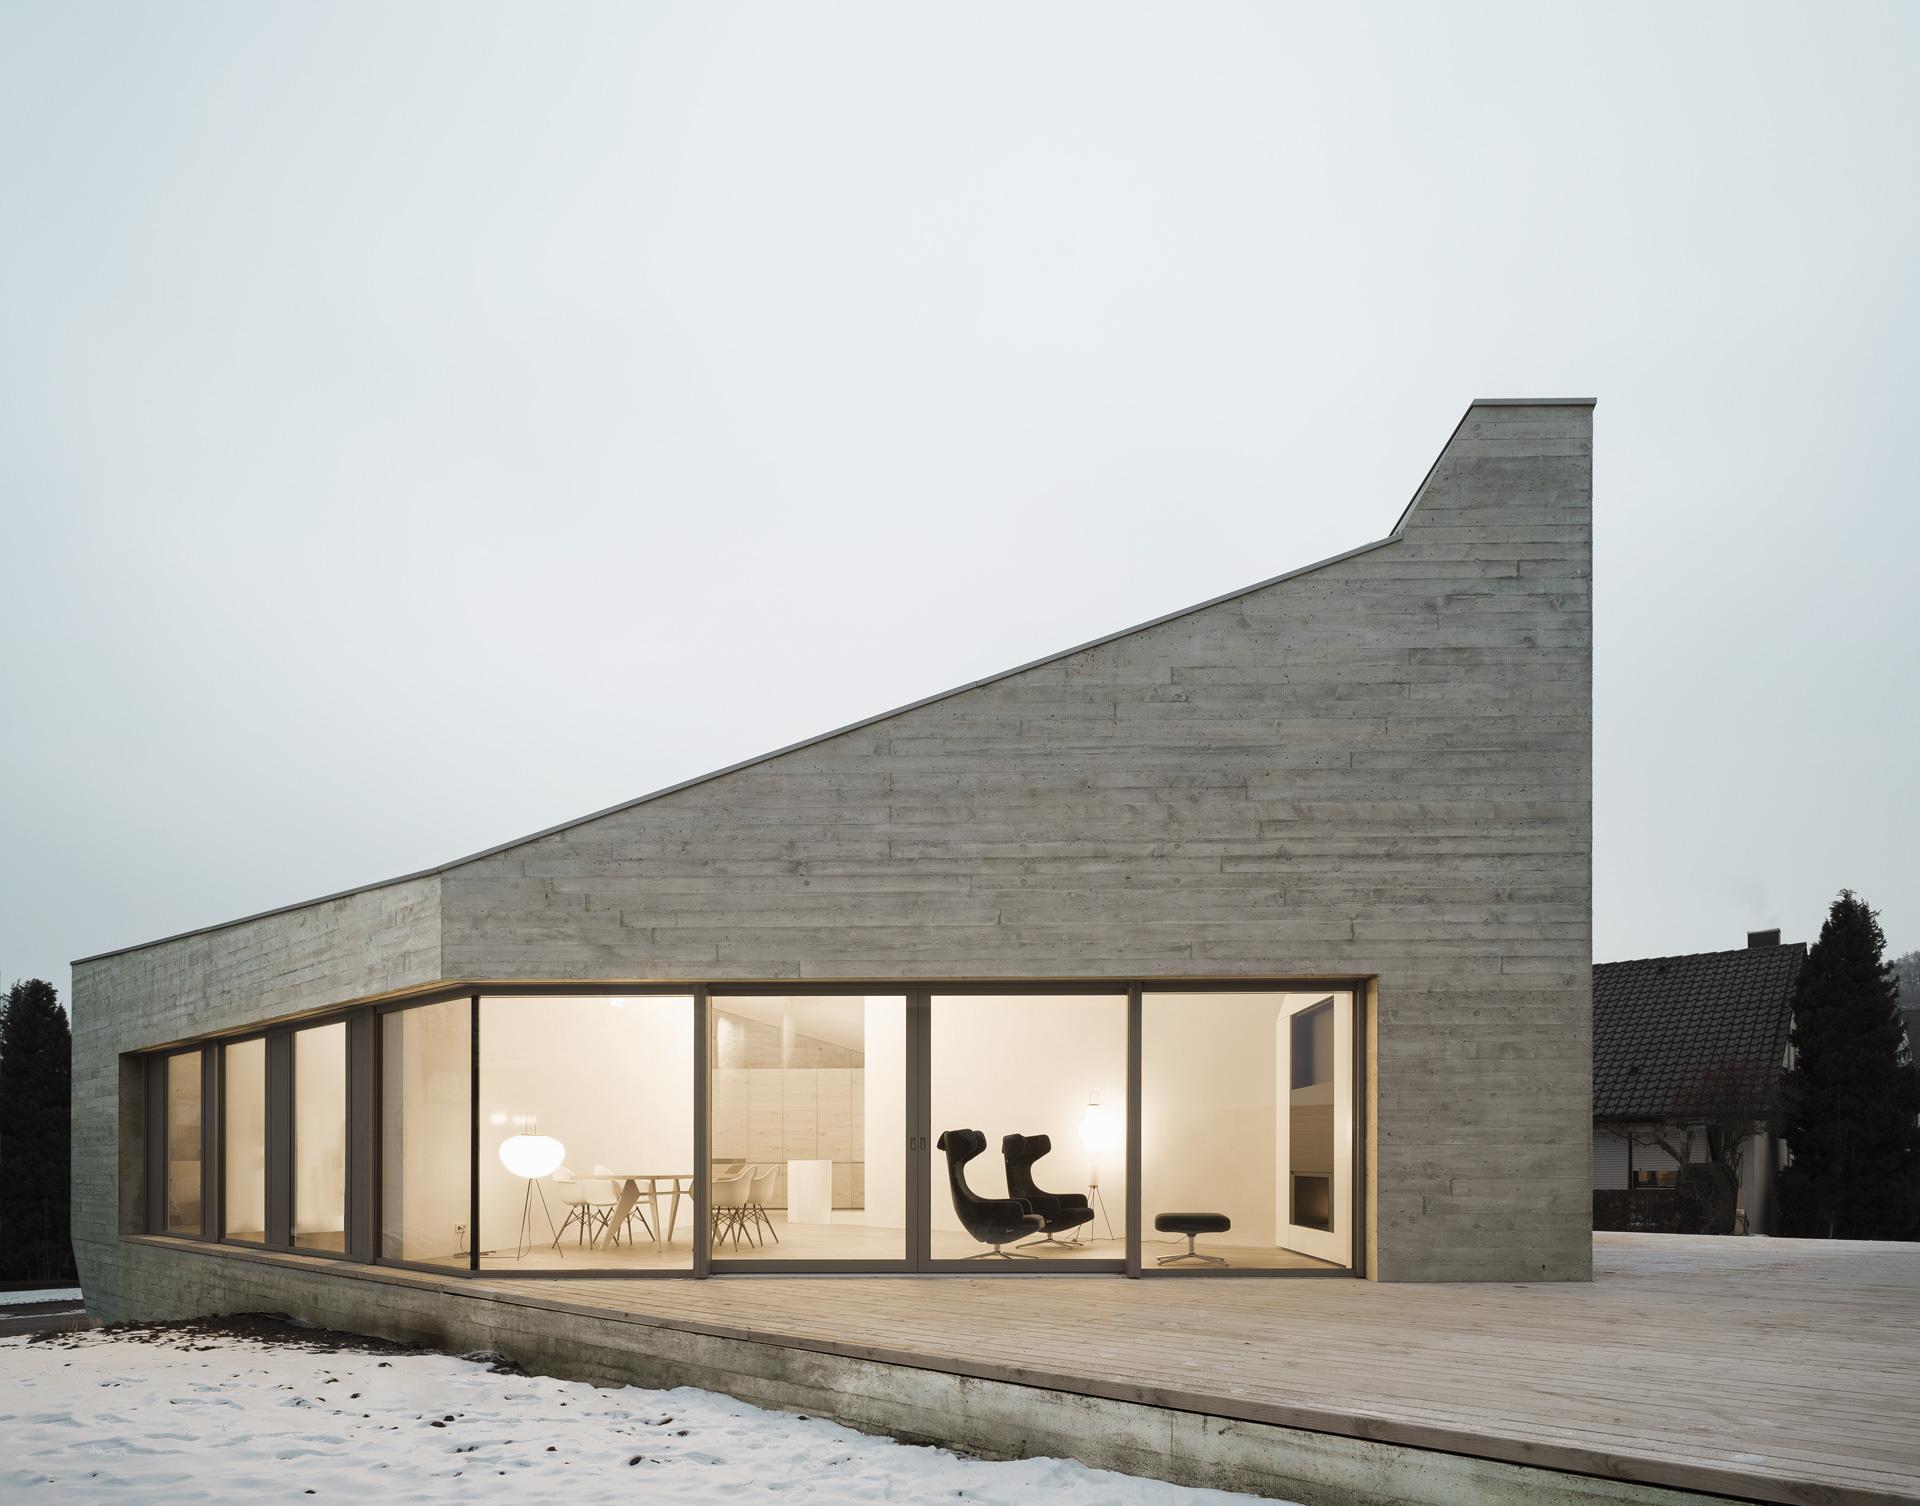 Markant Monolithisch –Das Wohnhaus E20